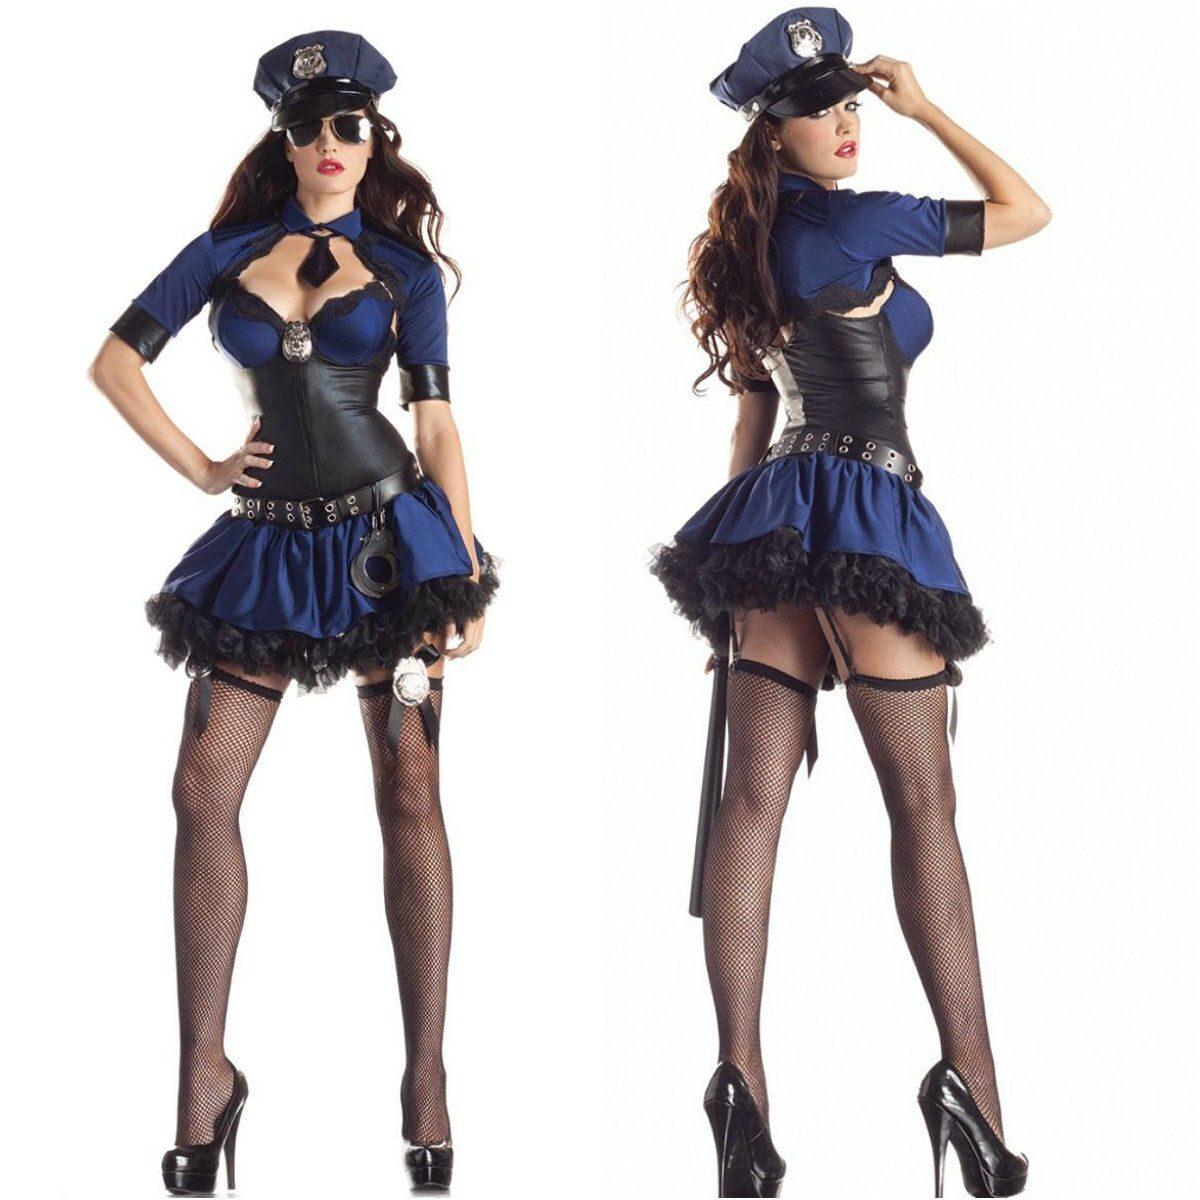 Девушки в костюмах для взрослых фото 24-207